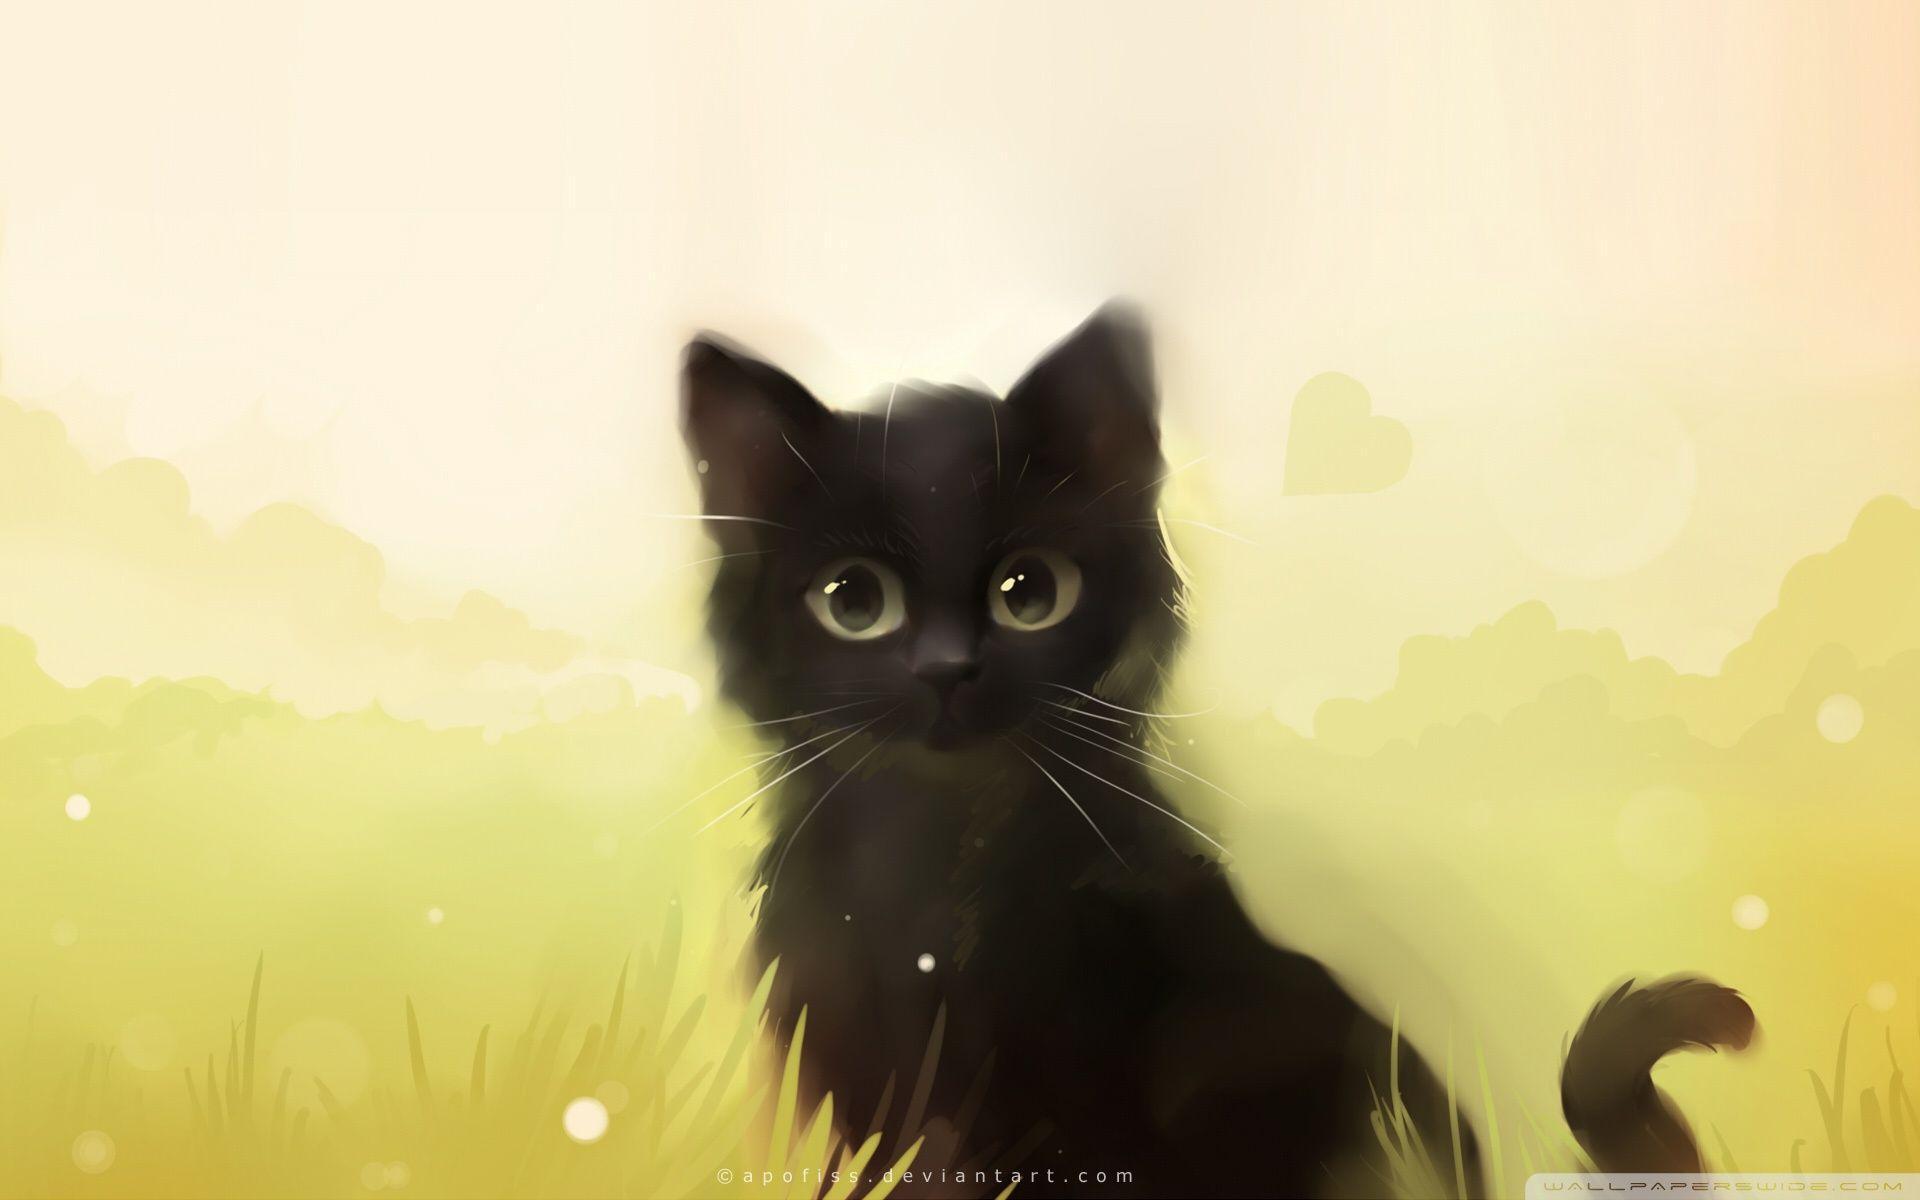 Kawaii anime cat wallpapers top free kawaii anime cat - Cartoon cat background ...